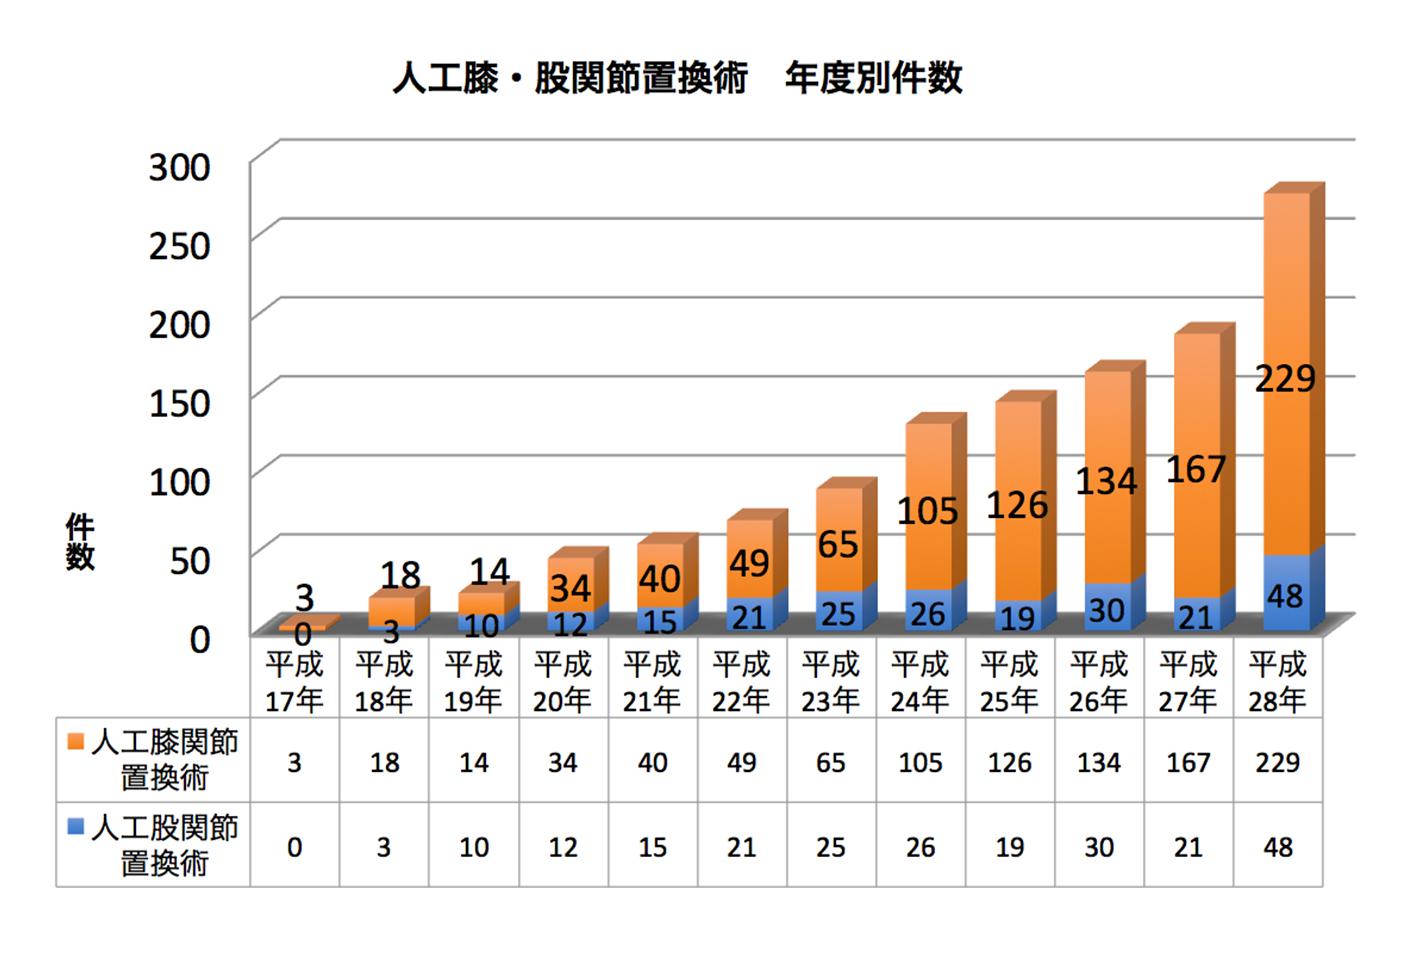 図1 人工膝関節置換術 年度別件数